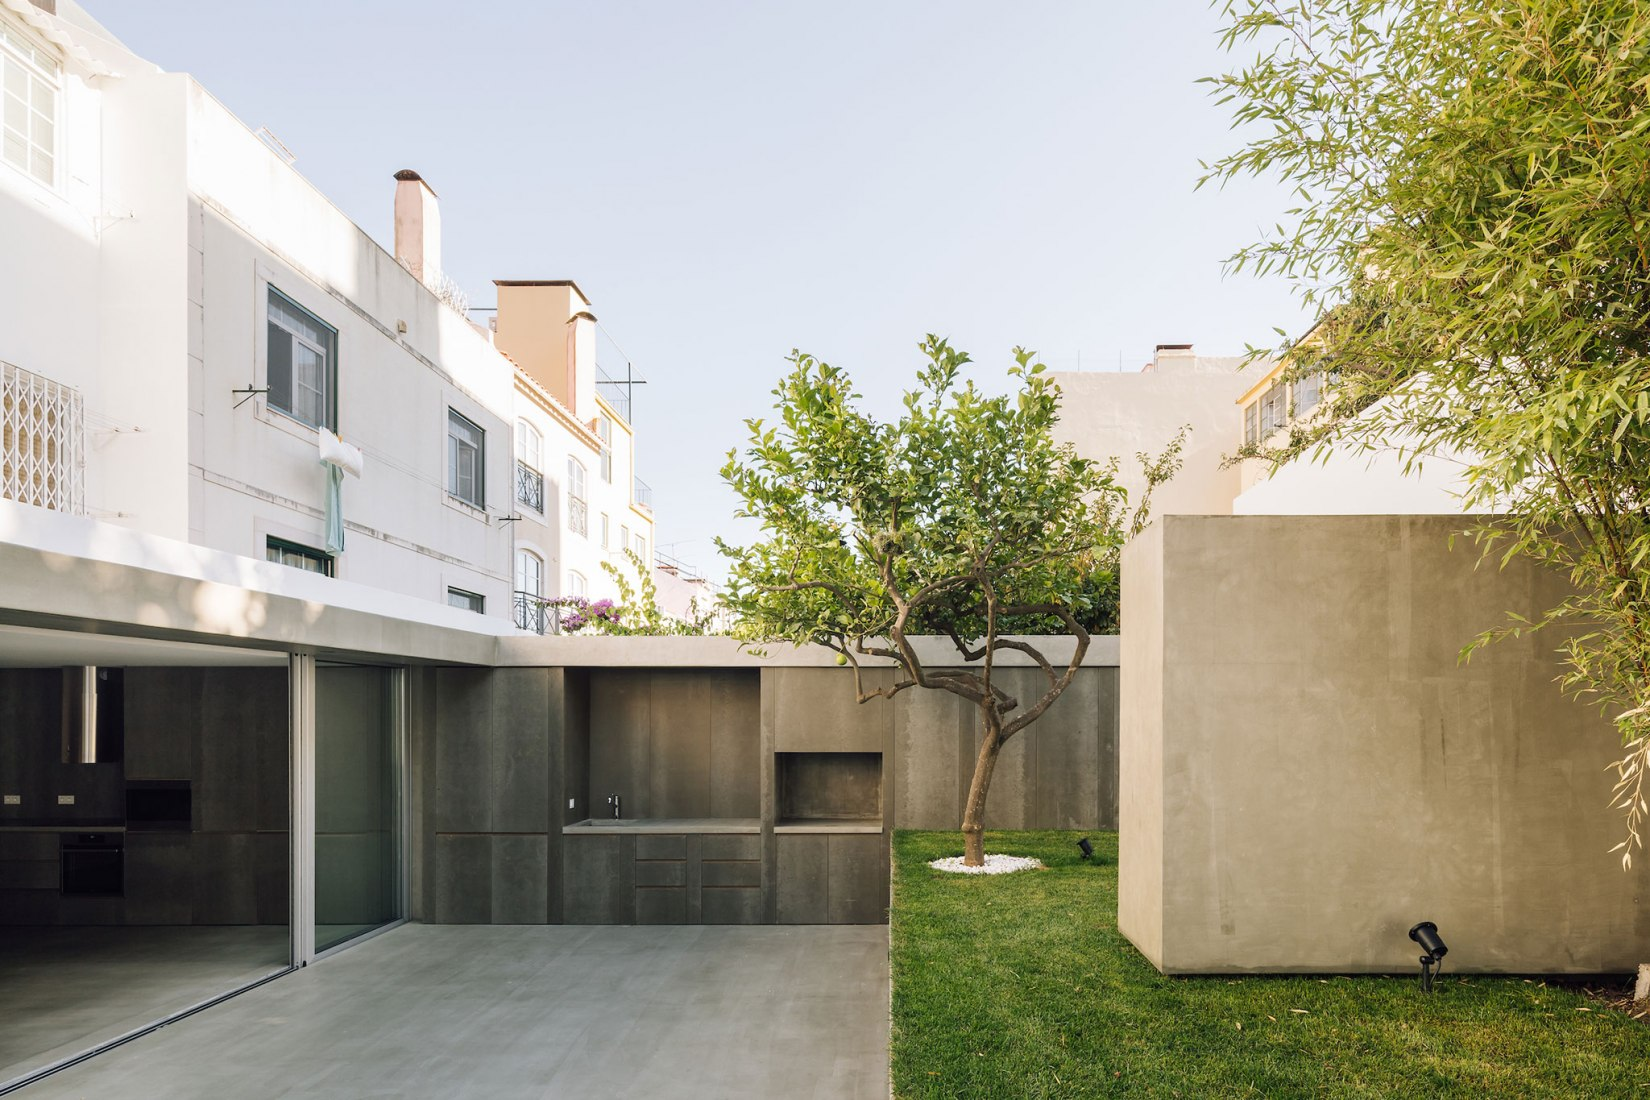 Apartamento na Lapa by Manuel Cachão Tojal. Photograph by Francisco Nogueira